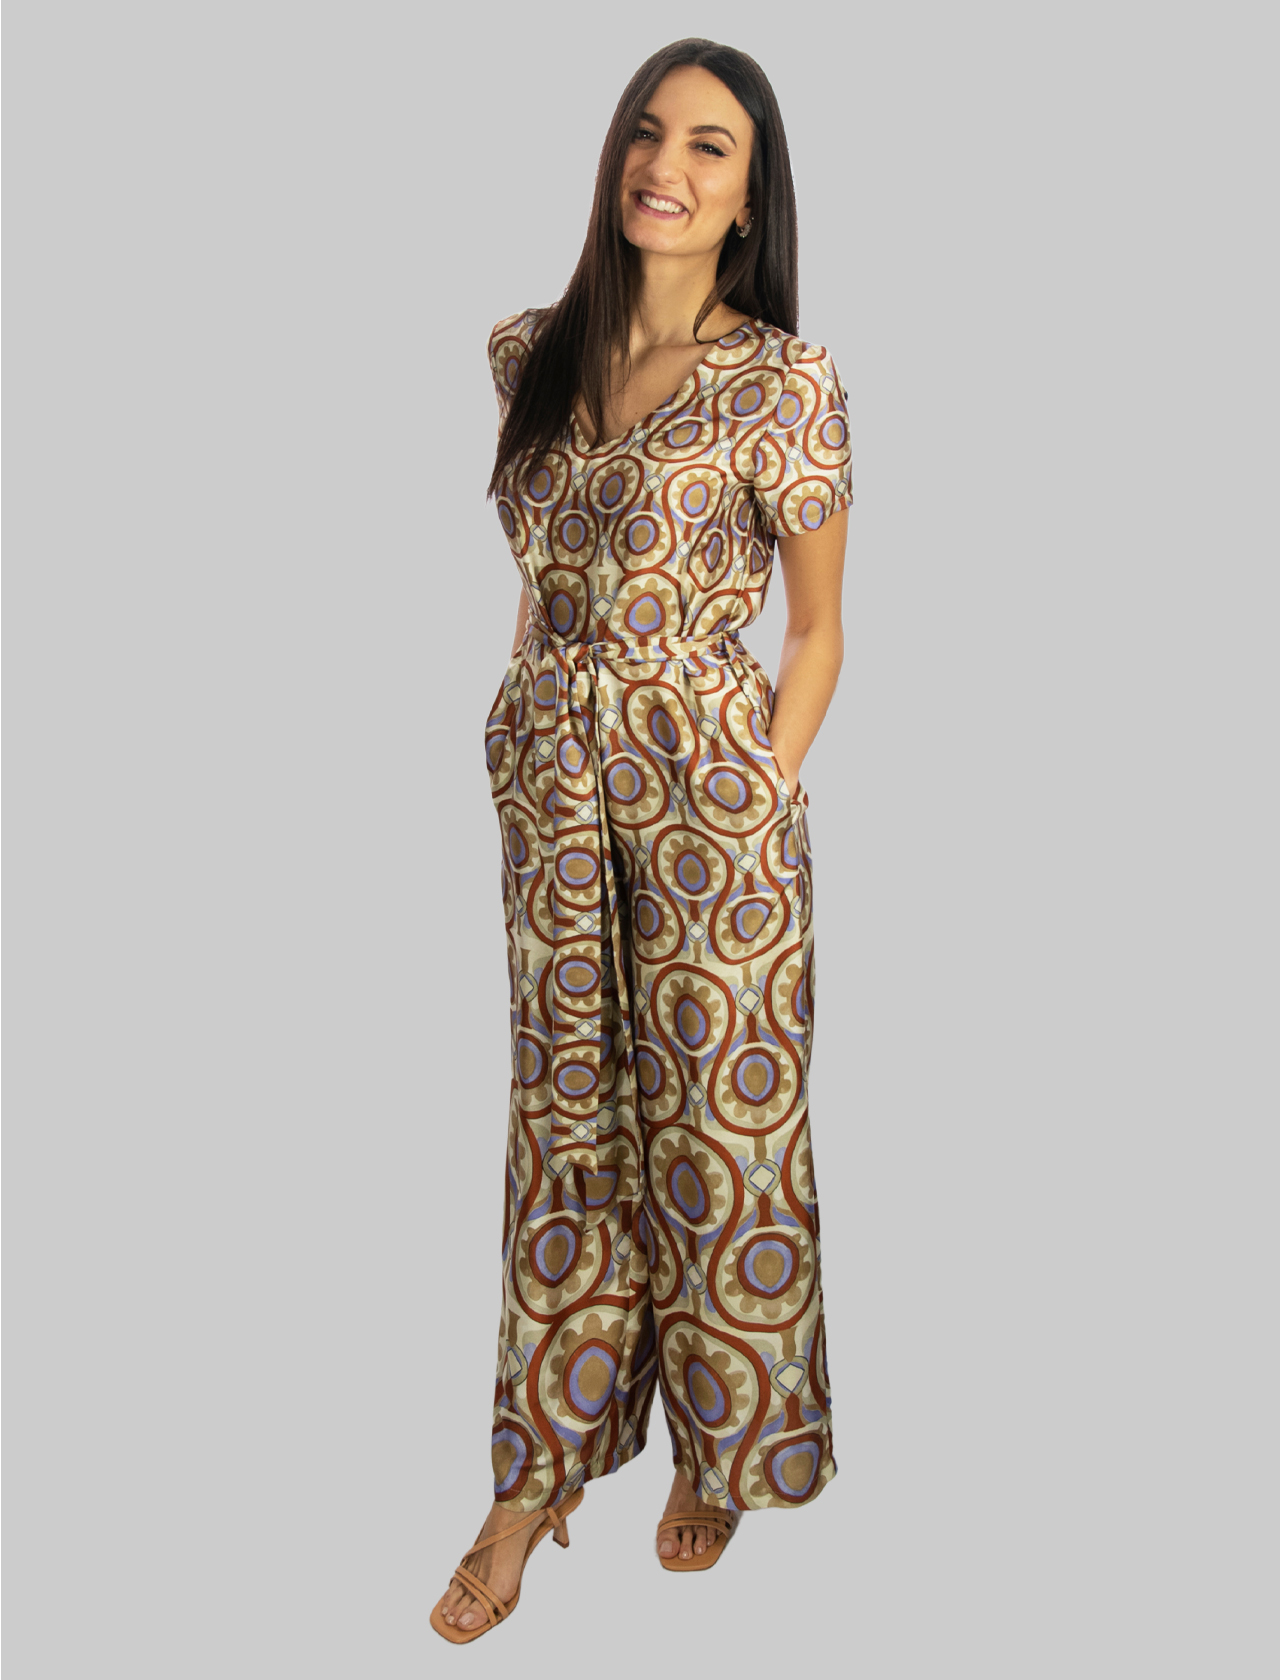 Abbigliamento Donna Tuta Lunga Ottoman Twill Mezza Manica in Beige Maliparmi | Abiti | JU001760046B1229